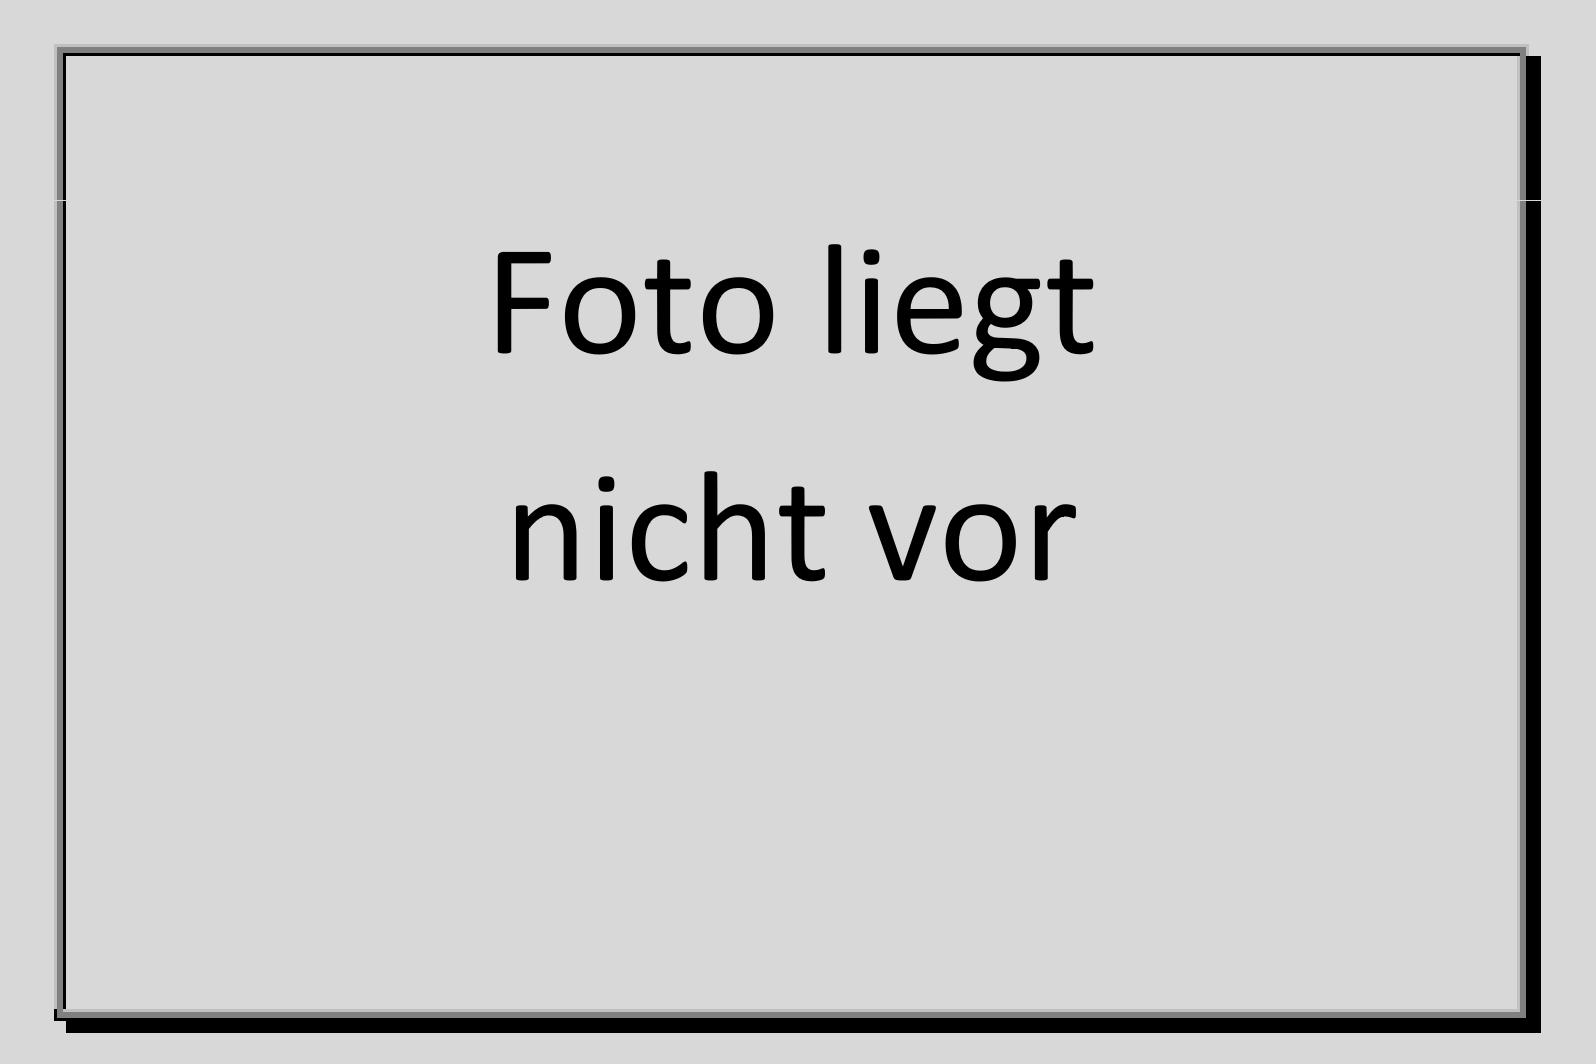 Foto-liegt-nicht-vor